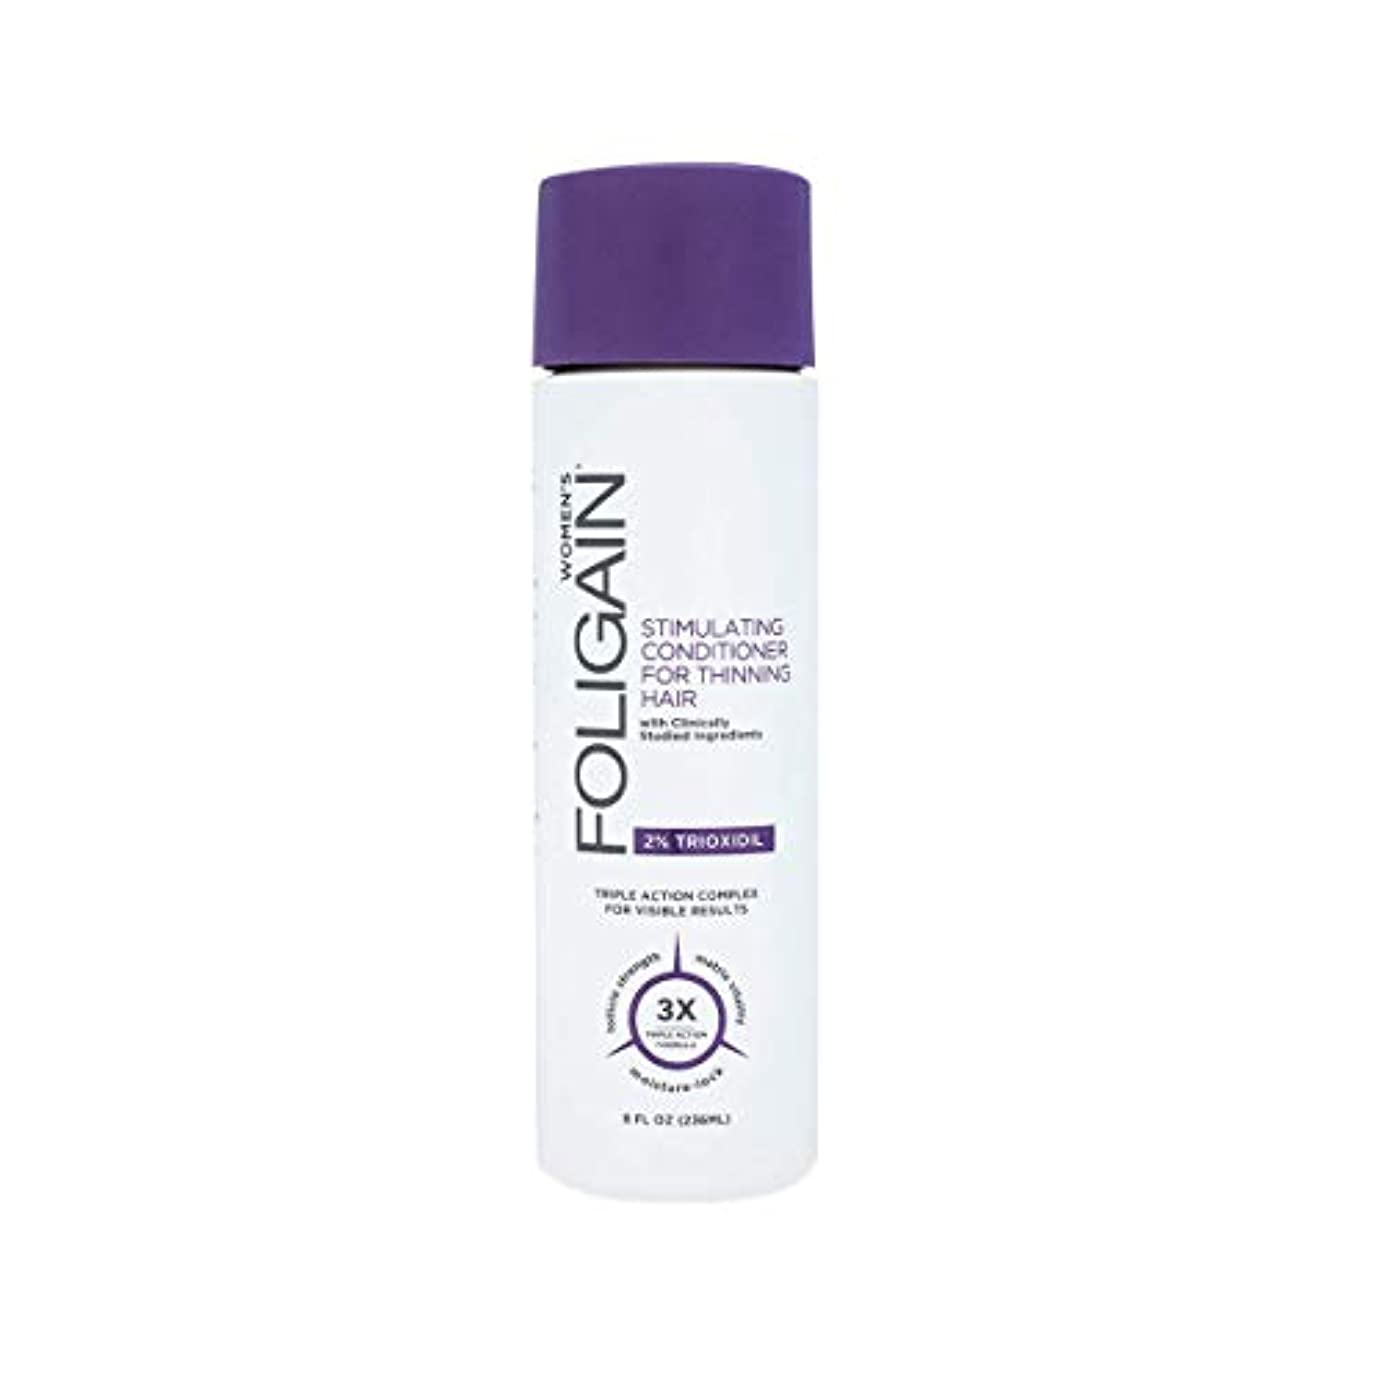 フォリゲイン2%トリオキシジルシンニングヘアコンディショナー236ml / 8オンス